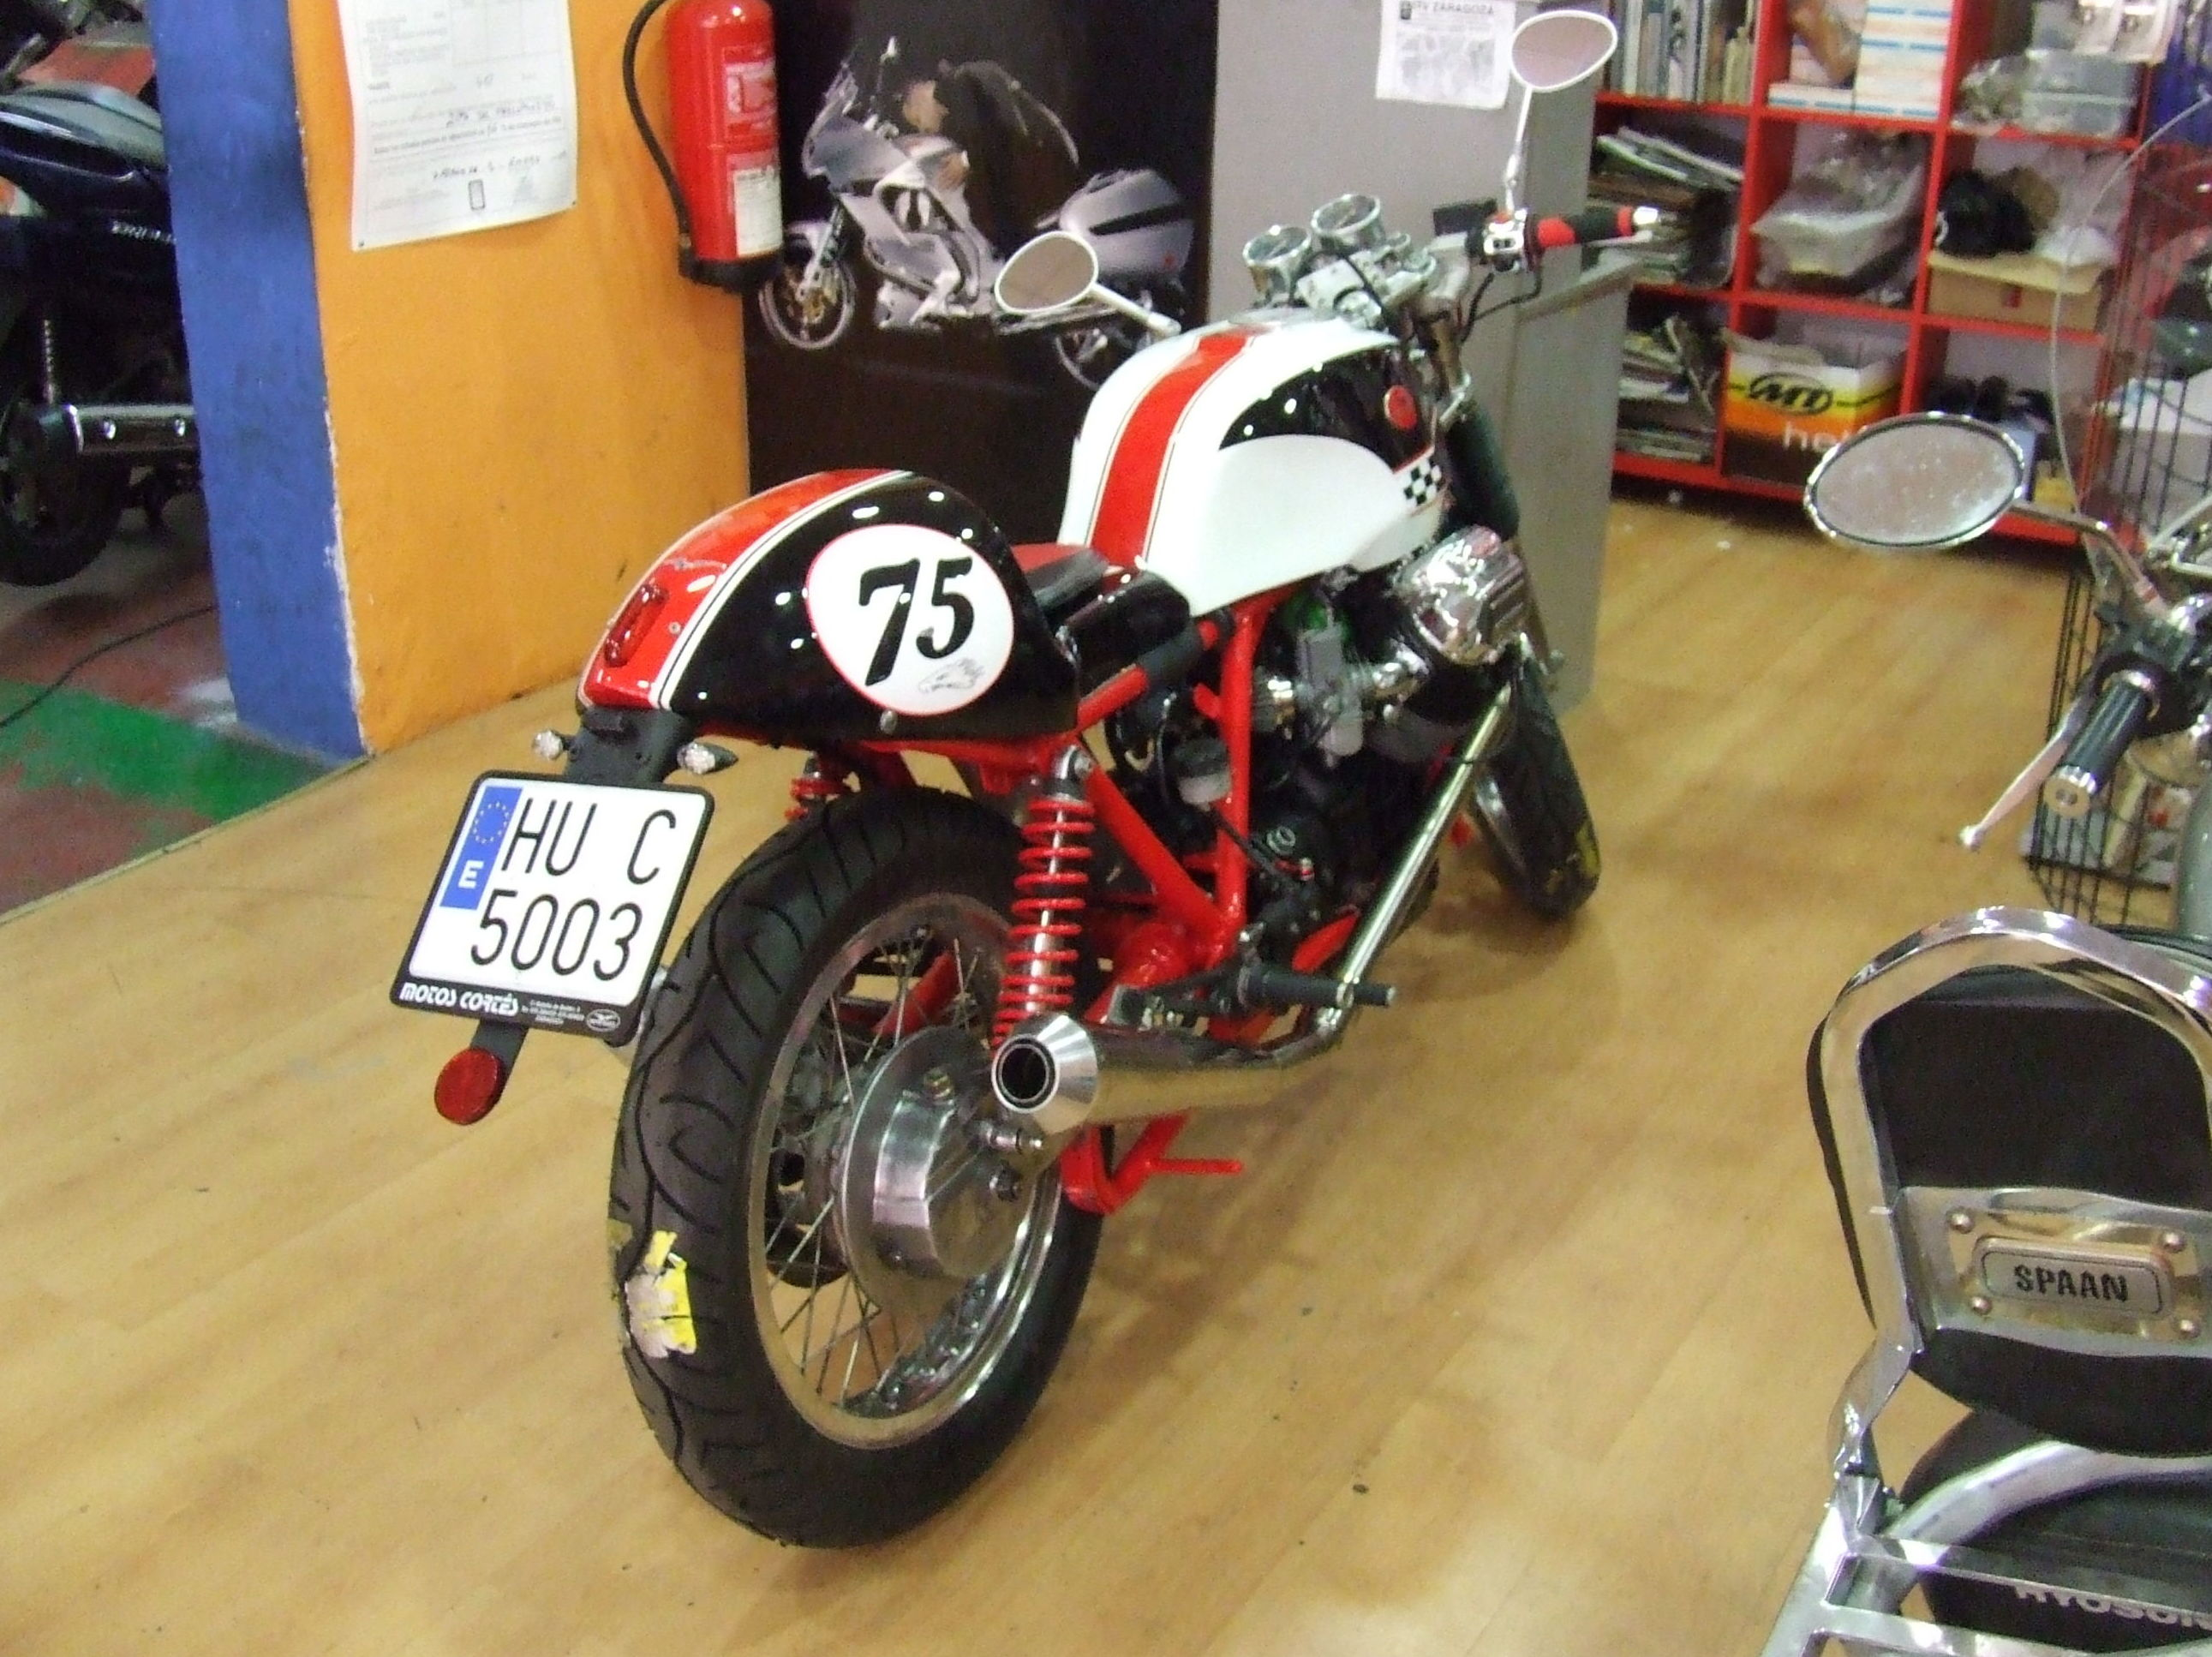 Venta y colocación de neumáticos de moto: Productos y servicios de Motos Cortés